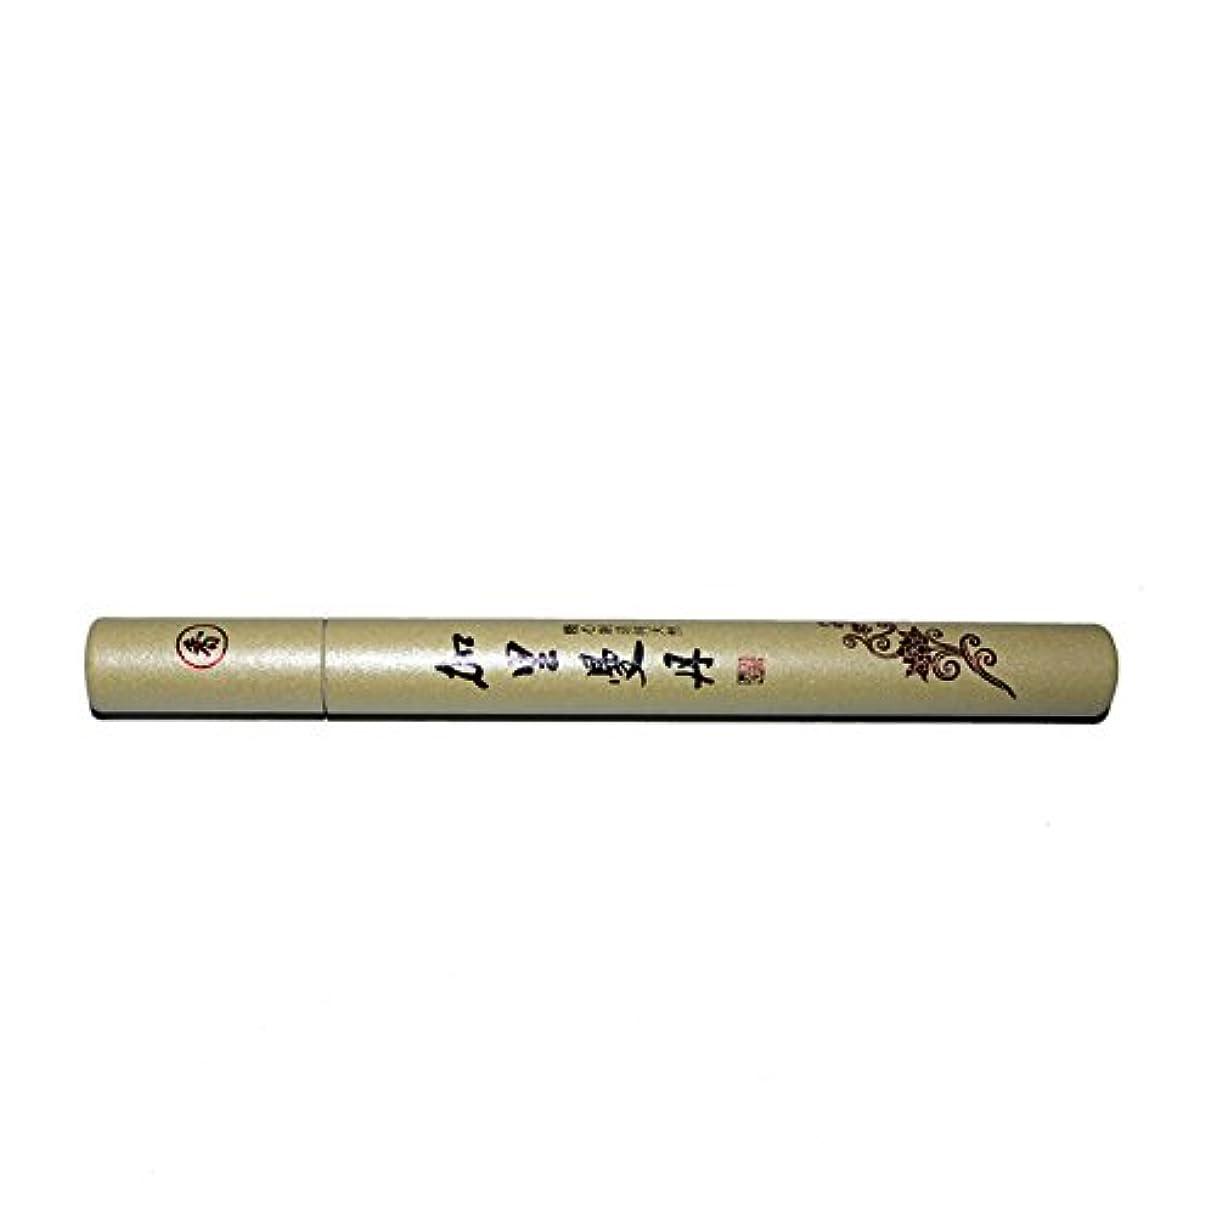 小康カラス簡略化する天然仏香; ビャクダン; きゃら;じんこう;線香;神具; 仏具; 一护の健康; マッサージを缓める; あん摩する